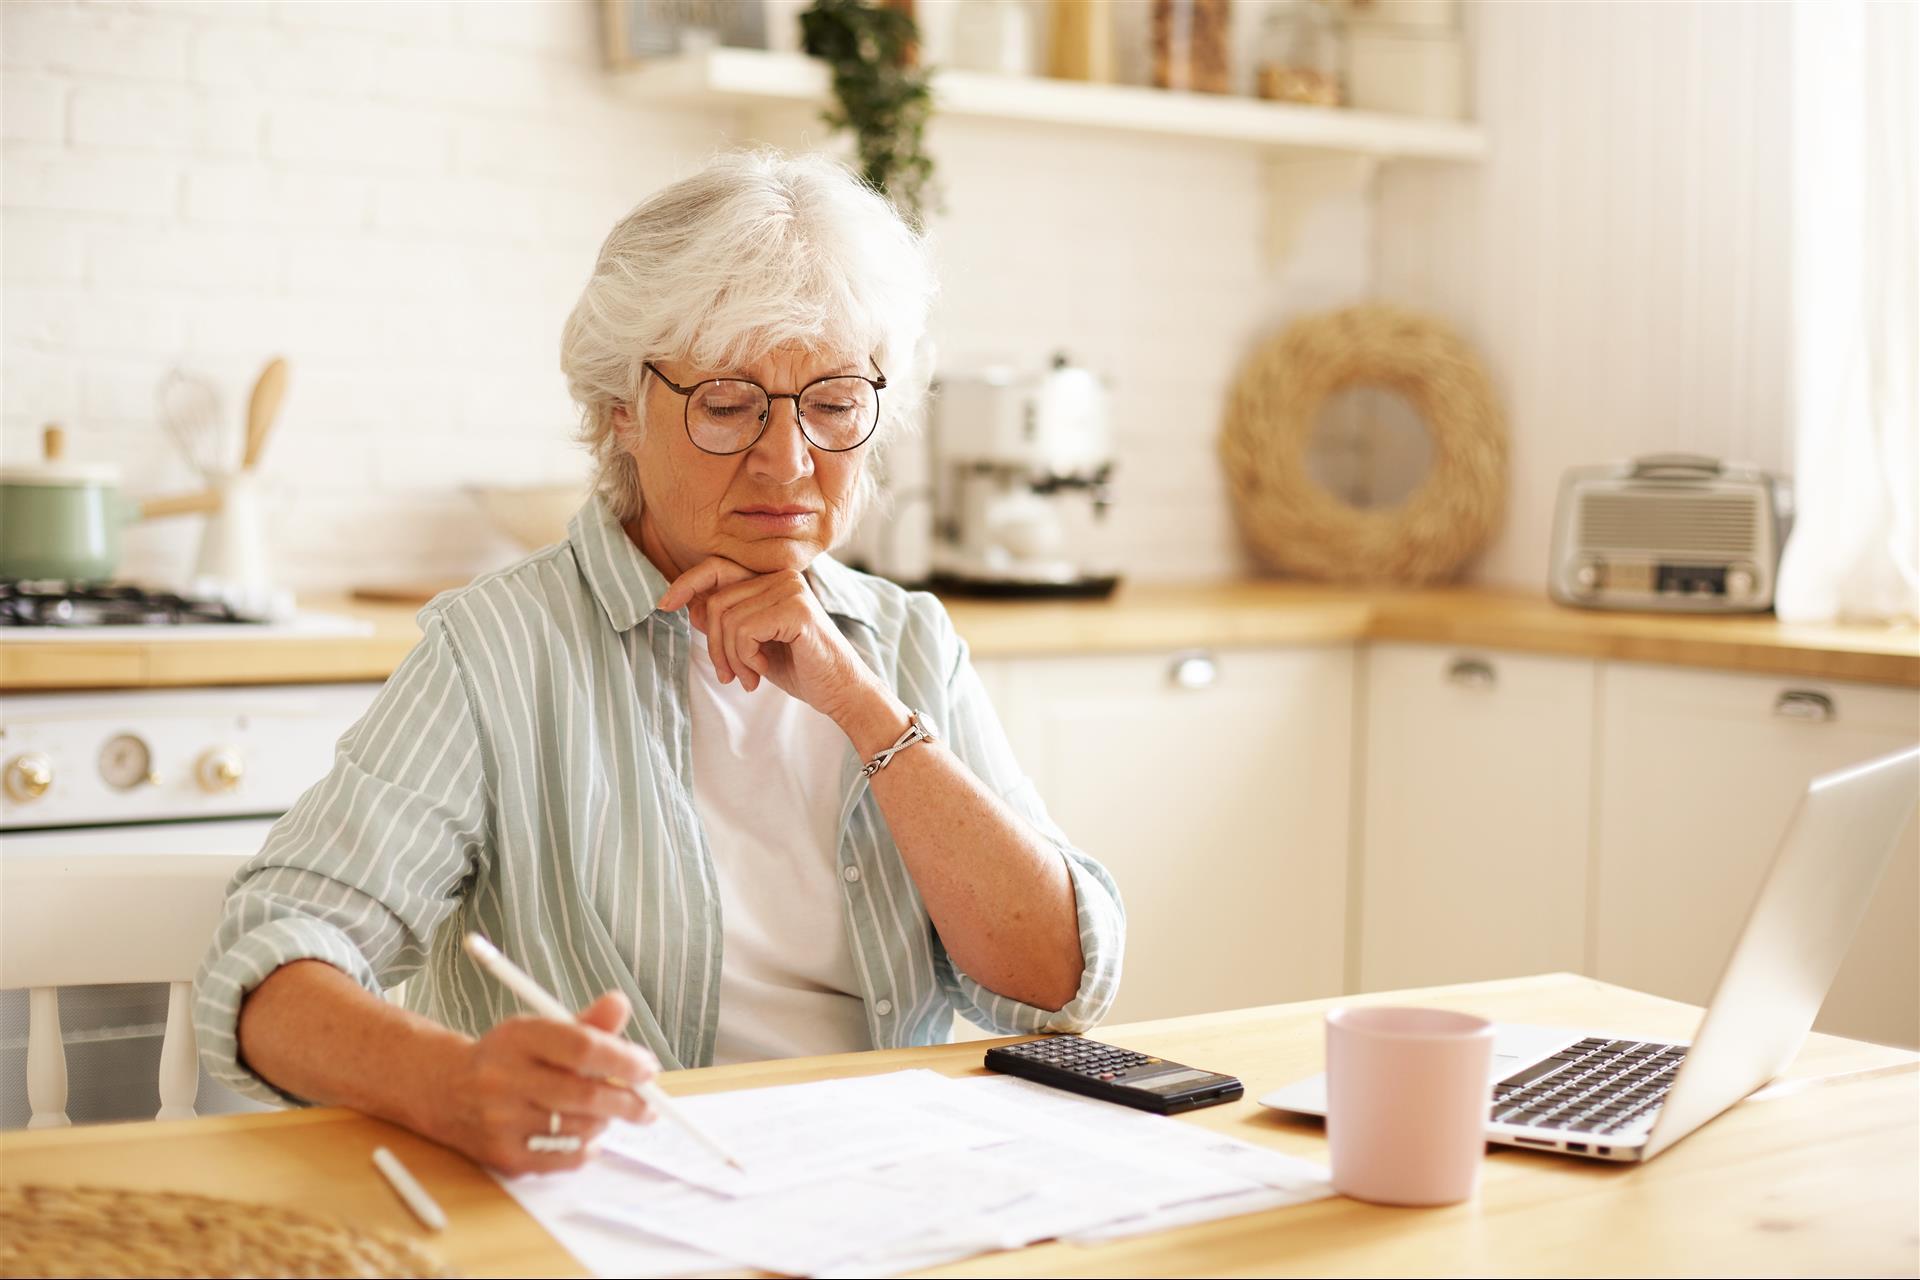 4 Fun Ways Seniors Can Make a Little Extra Cash Online